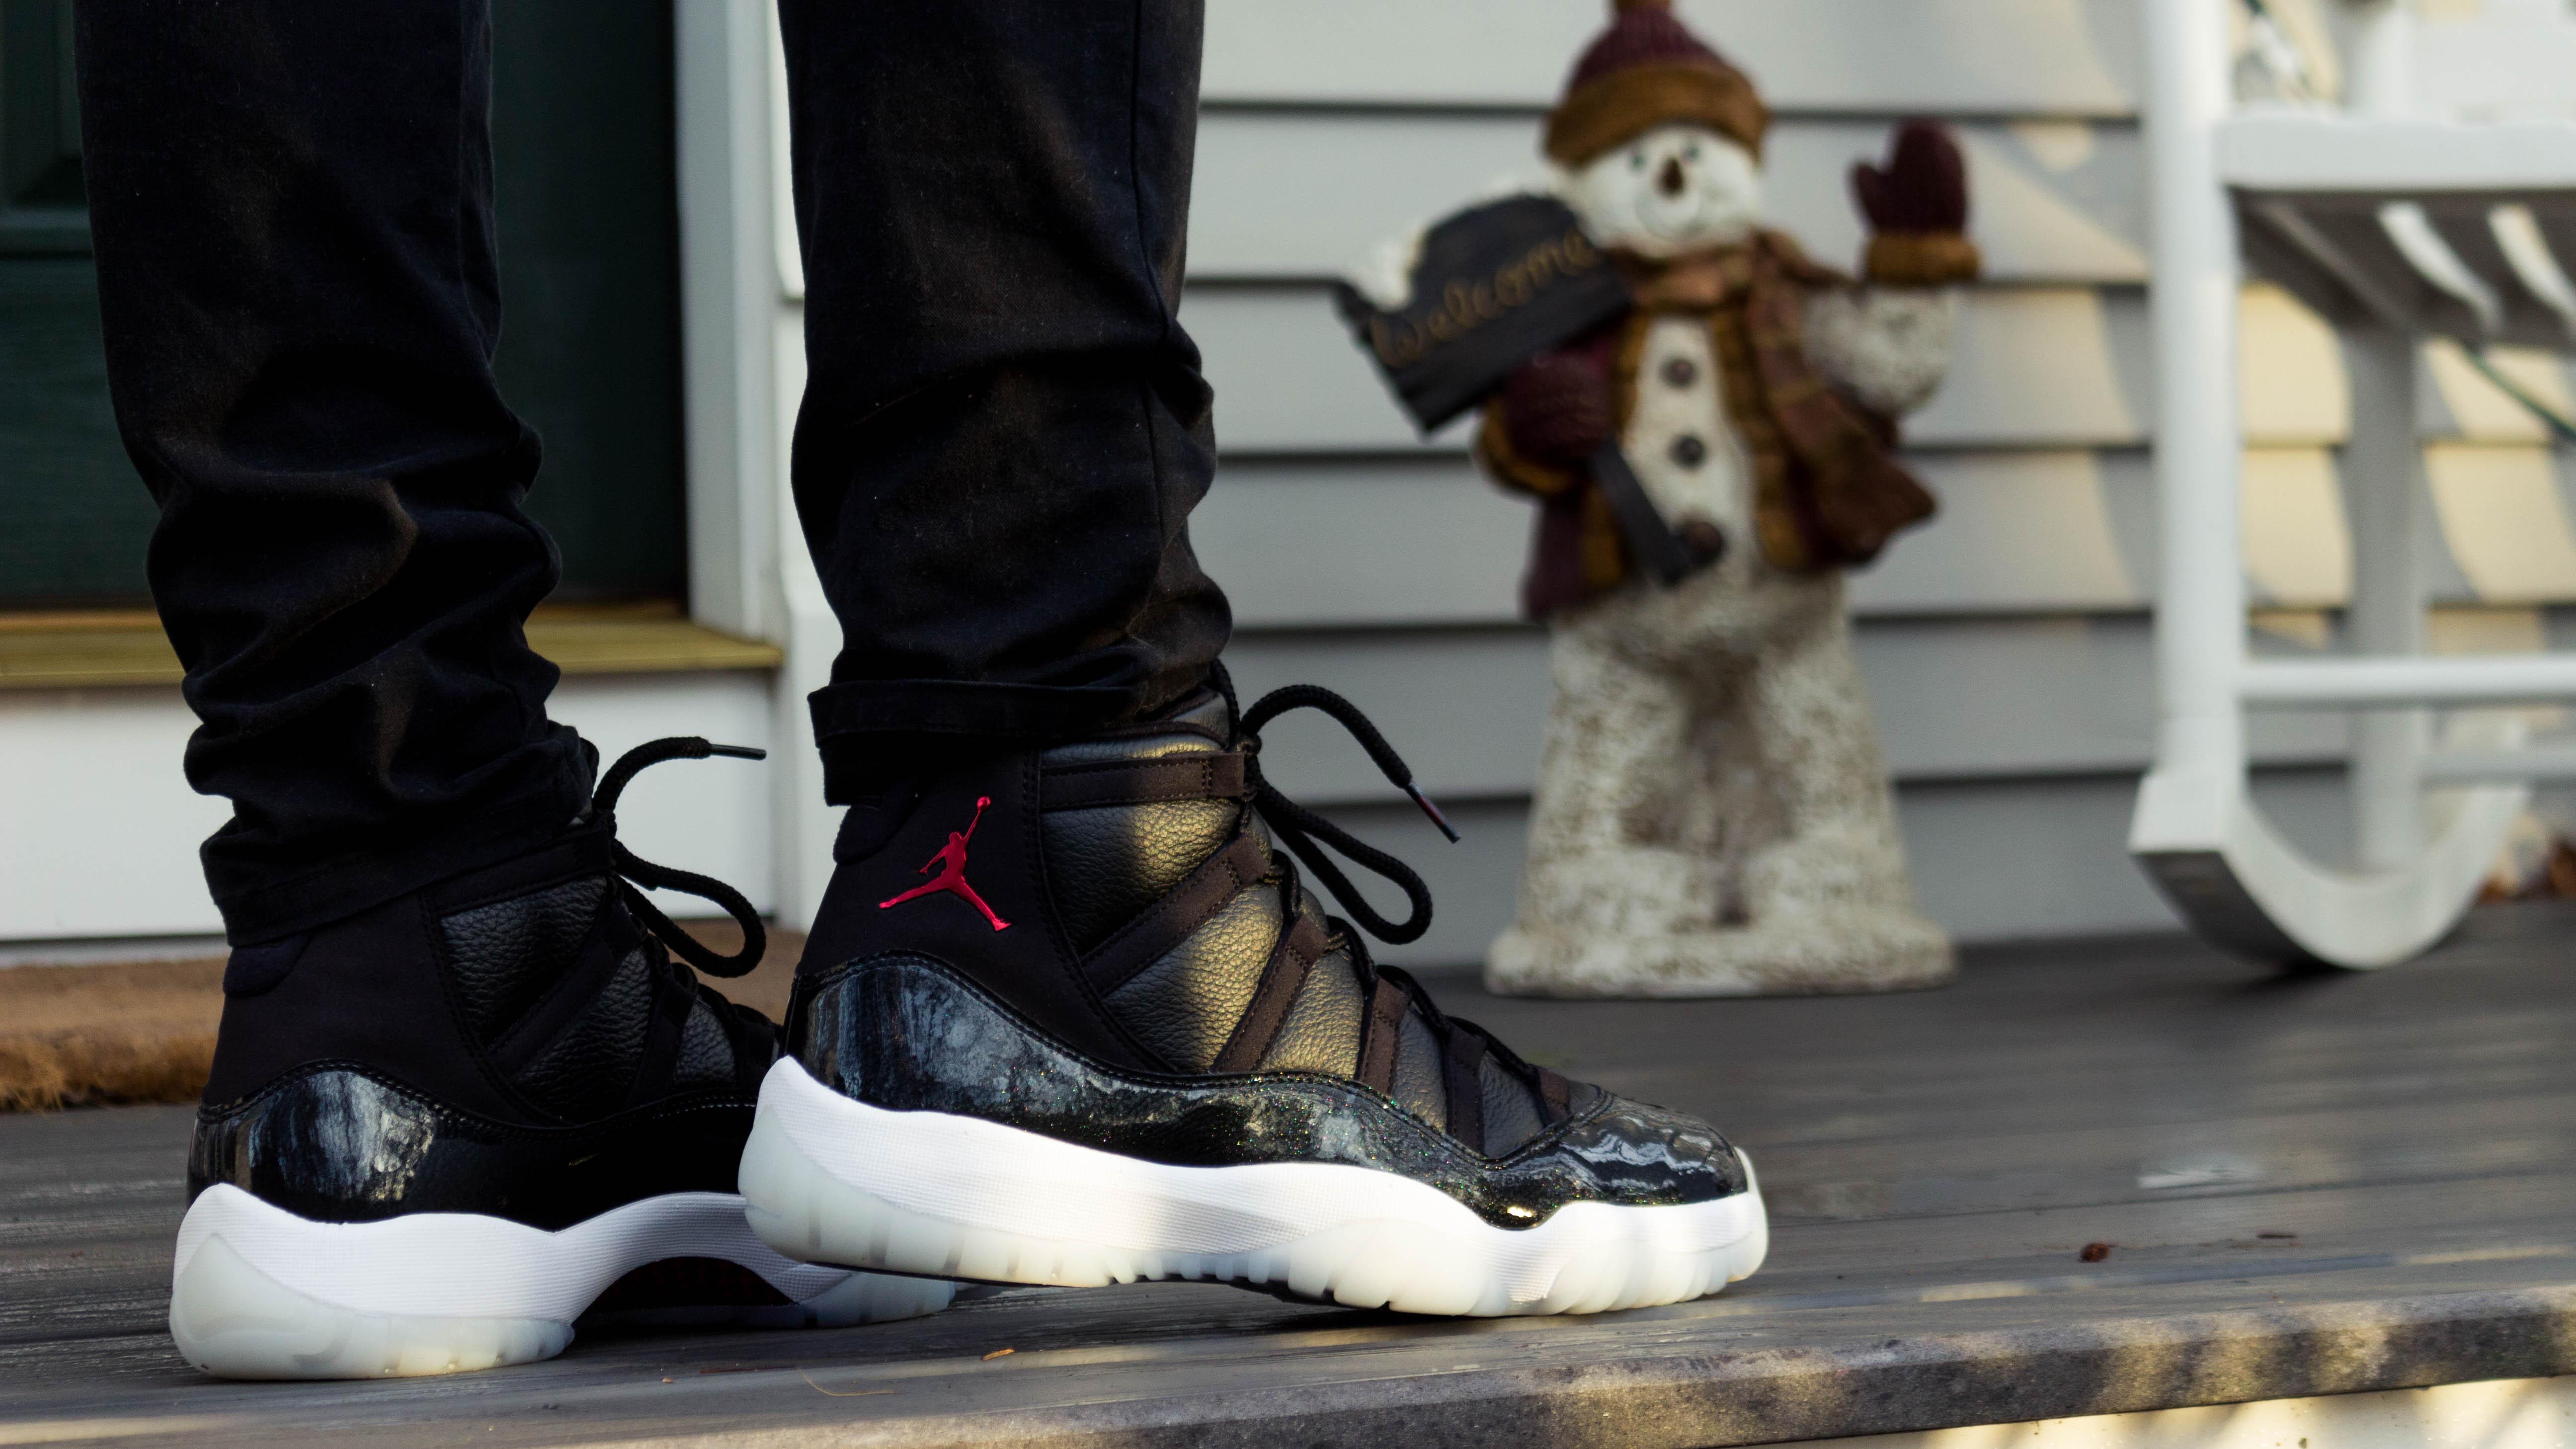 Jordan 11 72-10 On Feet